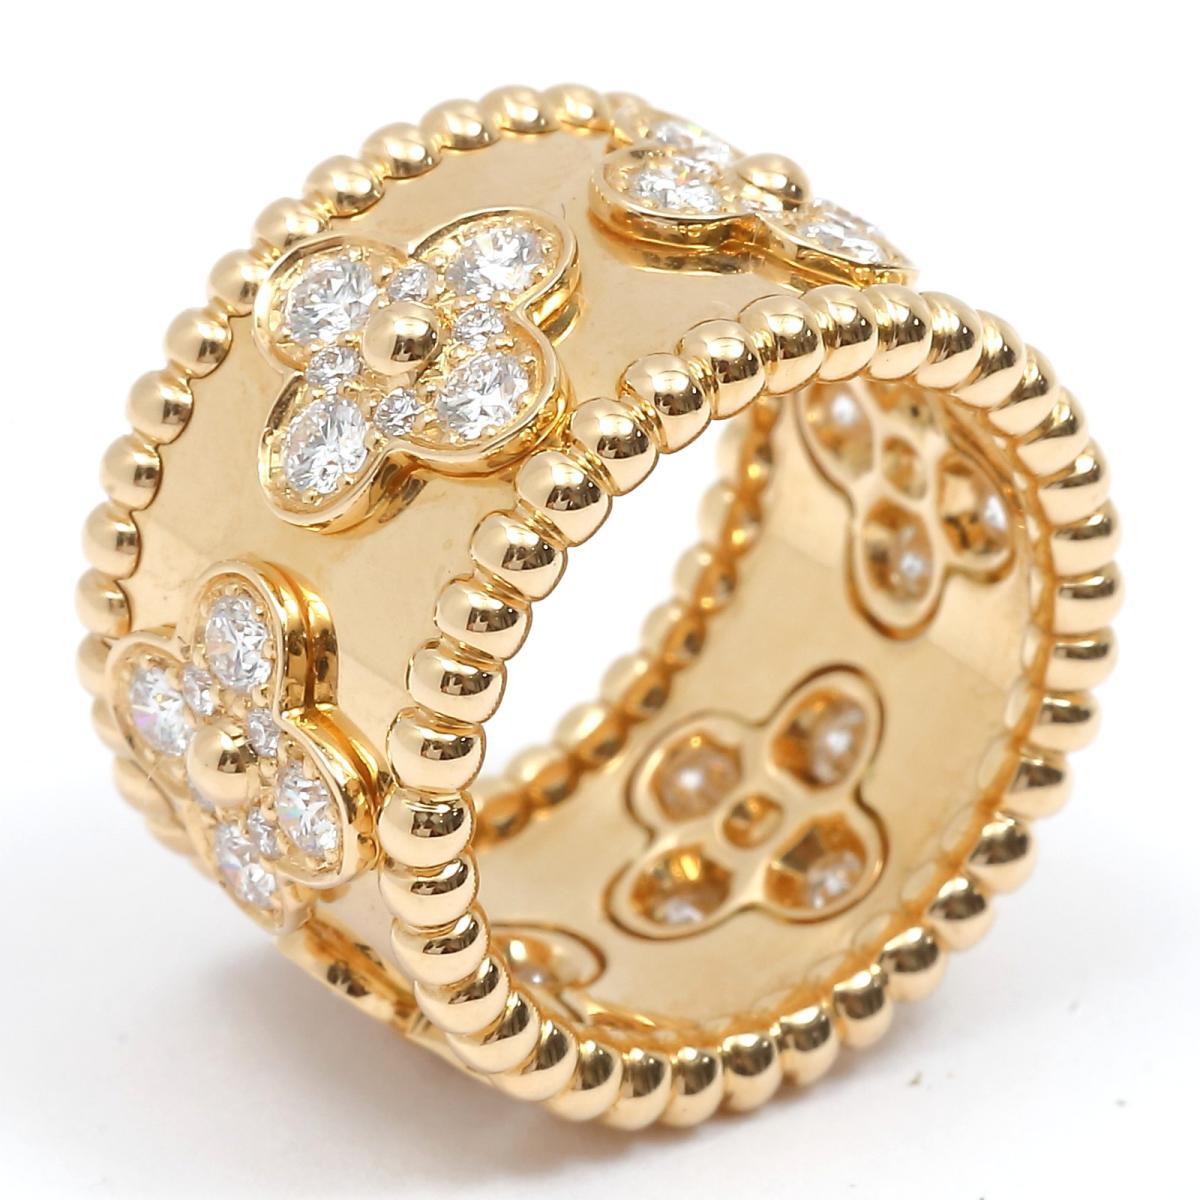 【中古】 ヴァンクリーフ&アーペル ペルレ クローバー ダイヤモンド リング 指輪 レディース K18YG (750) イエローゴールド x ダイヤモンド | Van Cleef & Arpels リング ペルレダイヤリング K18 18K 18金 美品 ブランドオフ BRANDOFF